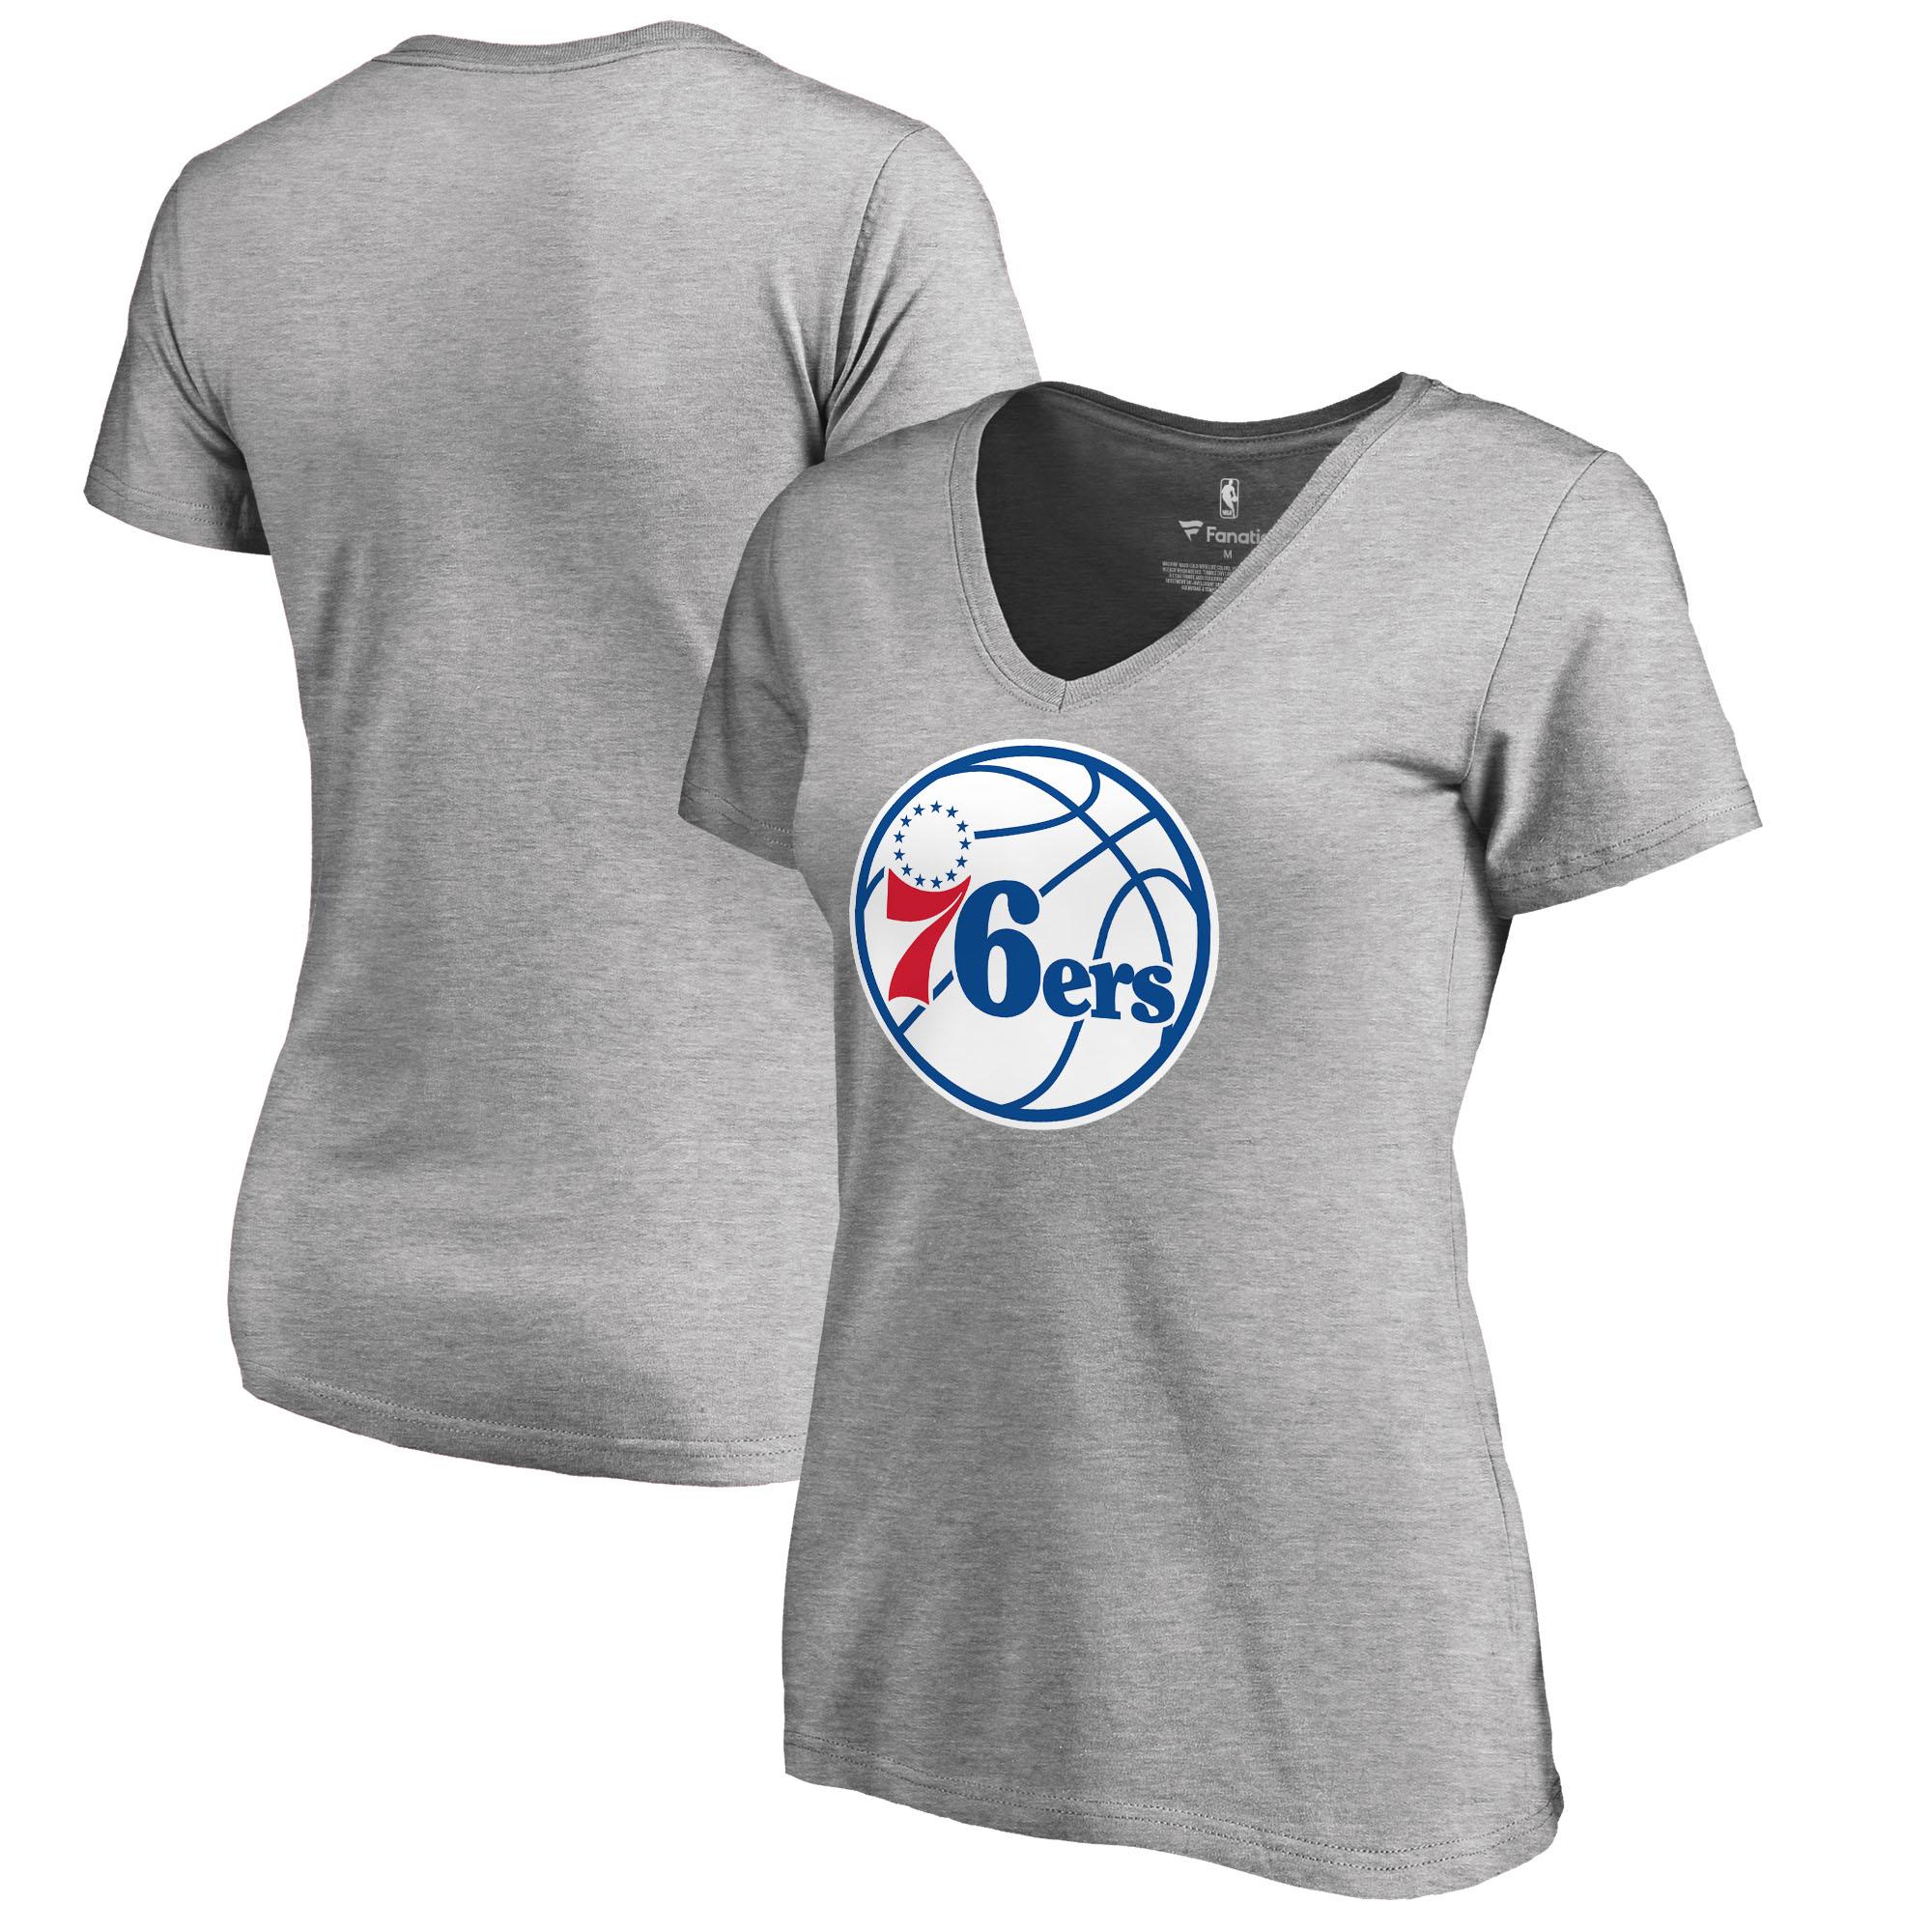 Philadelphia 76ers Fanatics Branded Women's Primary Logo V-Neck T-Shirt - Ash